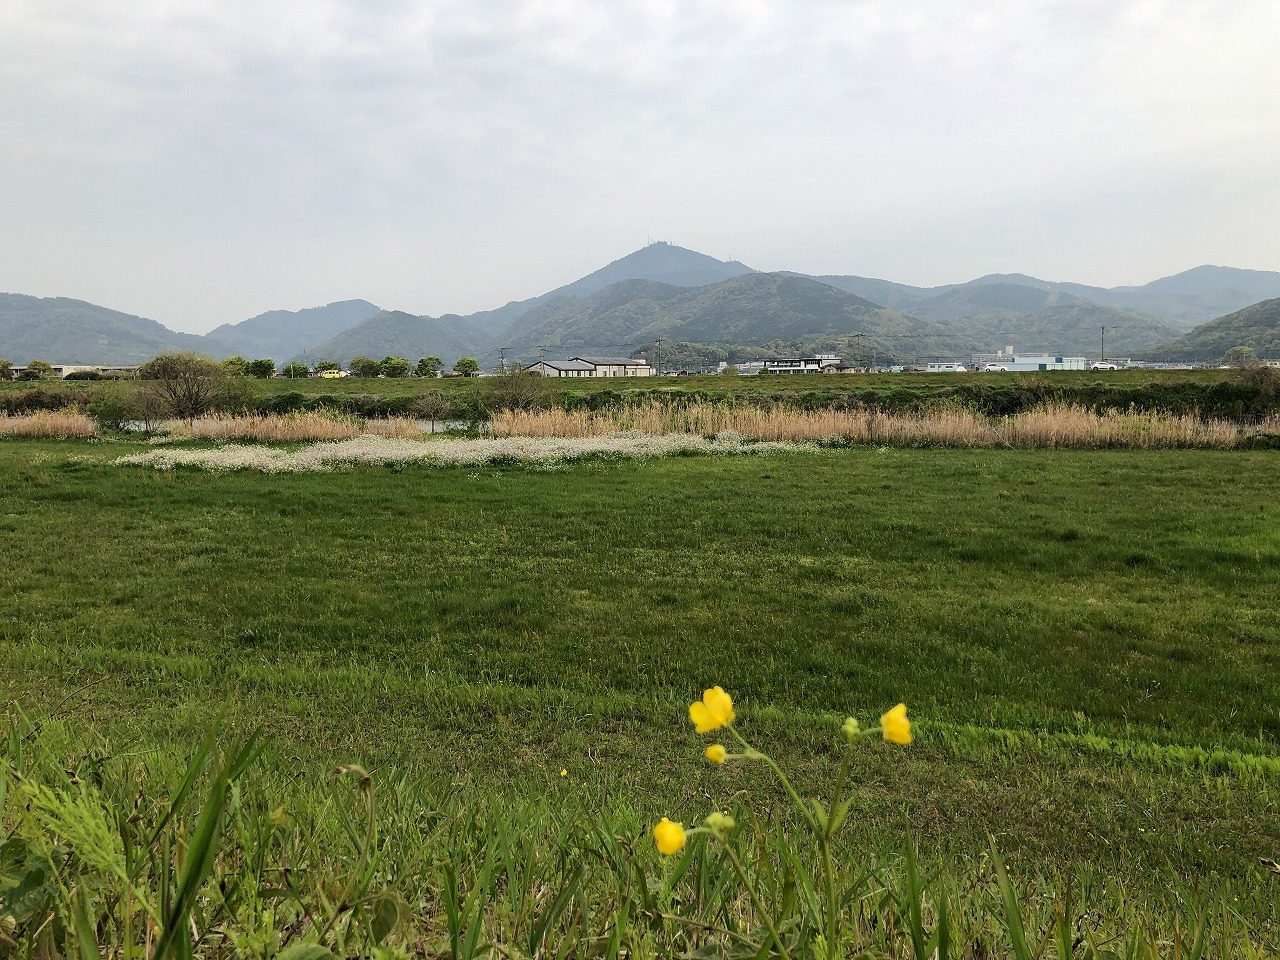 2019.4.9今朝の金峰山です。